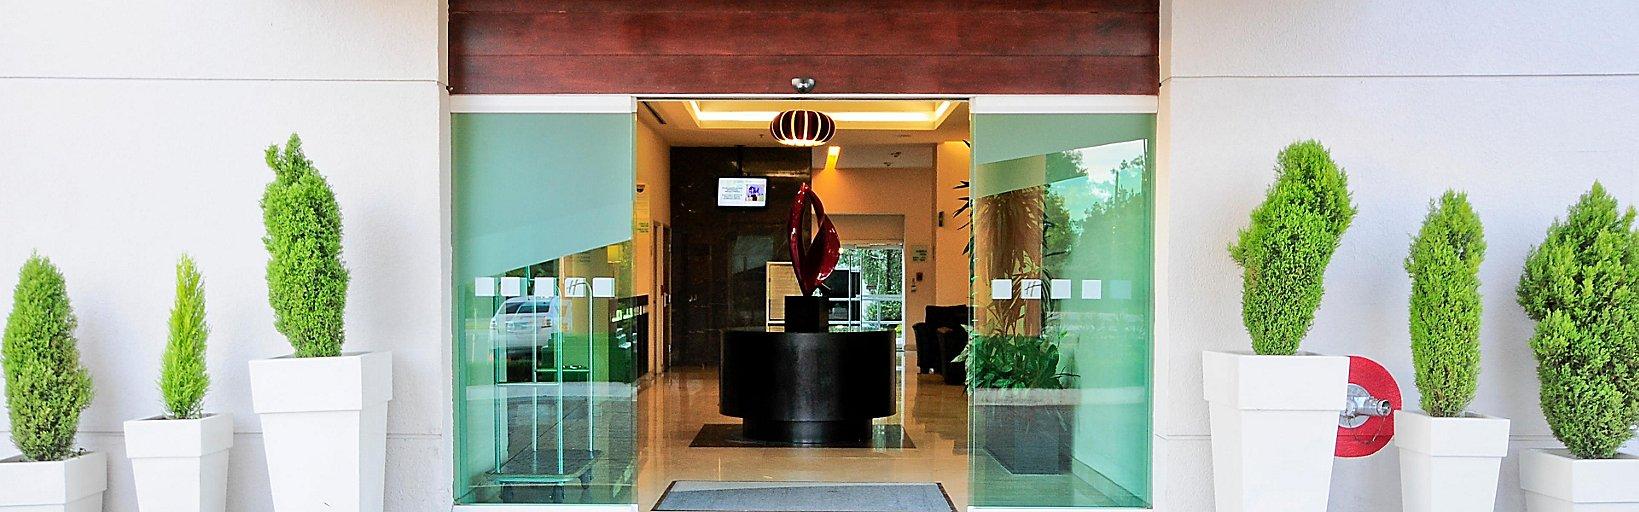 Holiday Inn Uruapan Hotel Ihg